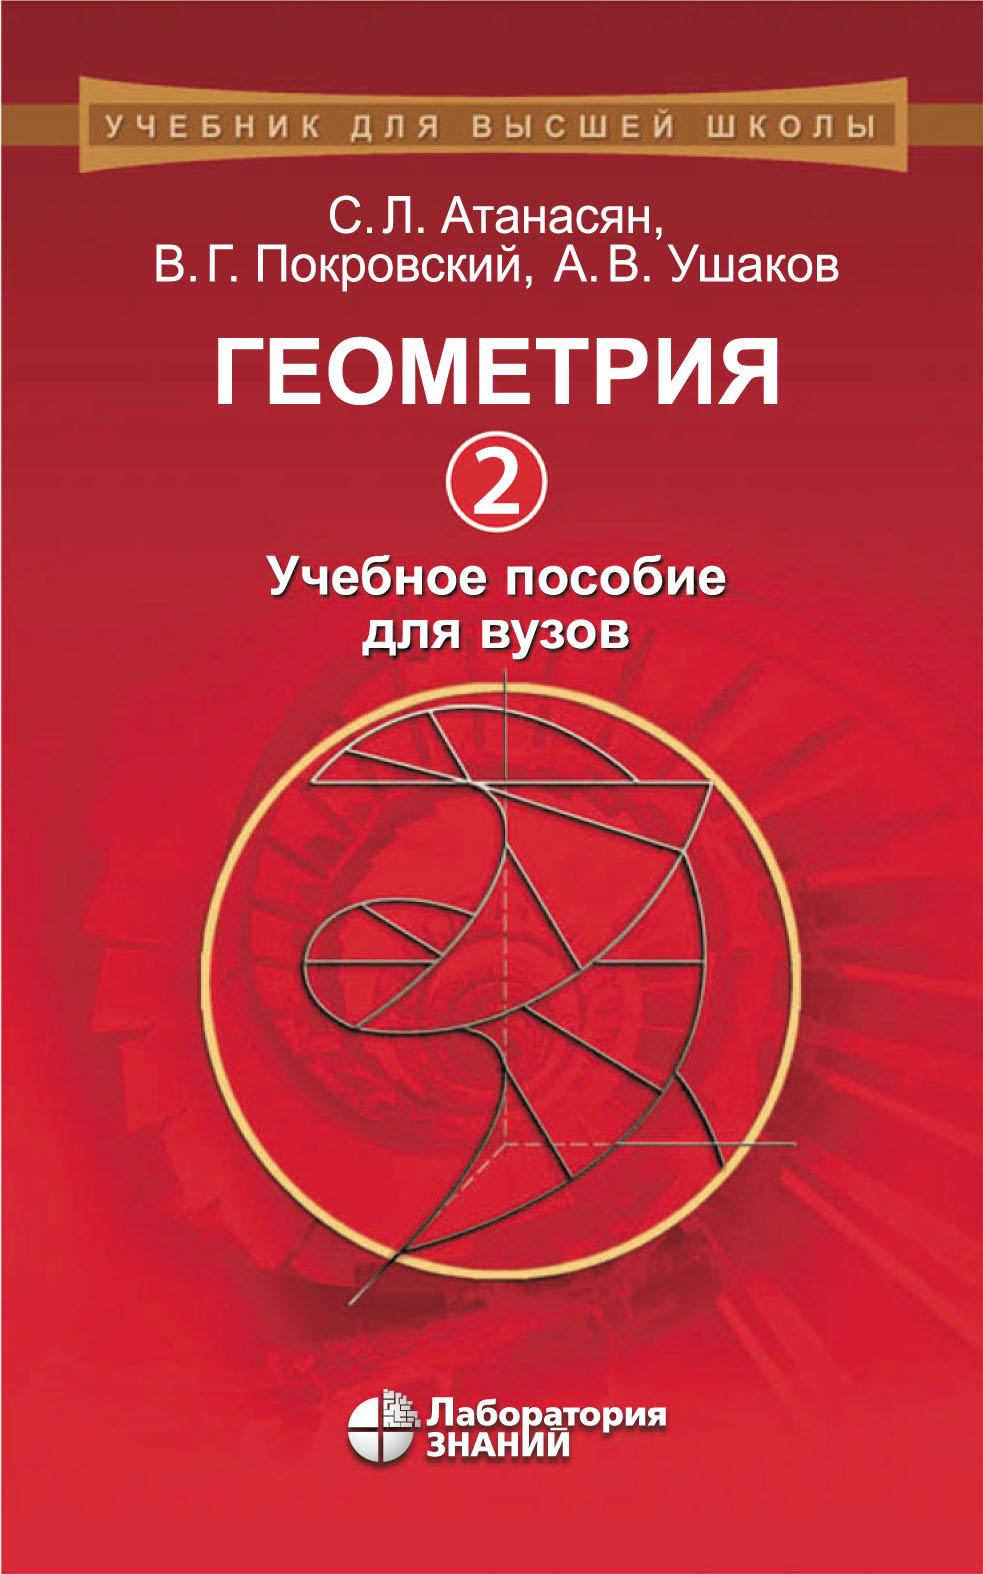 купить Л. С. Атанасян Геометрия. Часть 2. Учебное пособие для вузов недорого